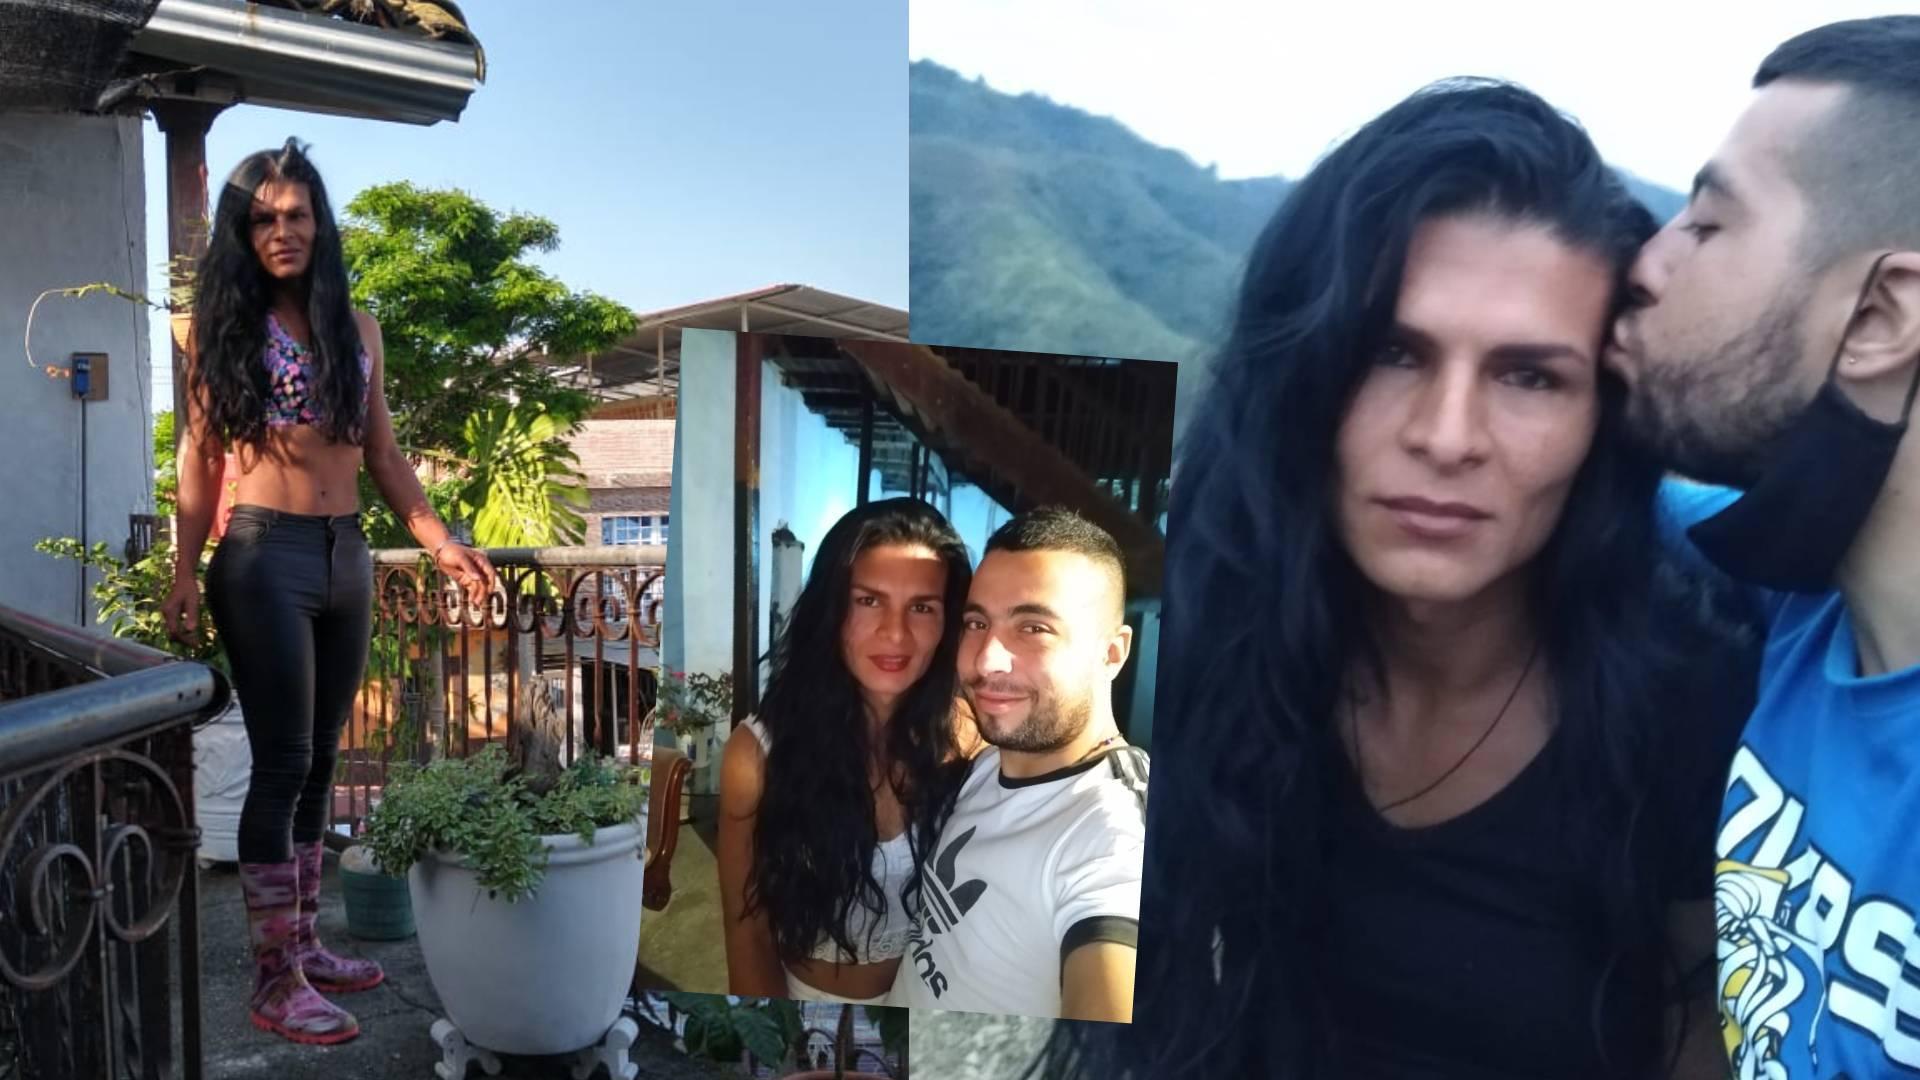 Quién era Juliana Giraldo, la mujer asesinada por un soldado en el Cauca?